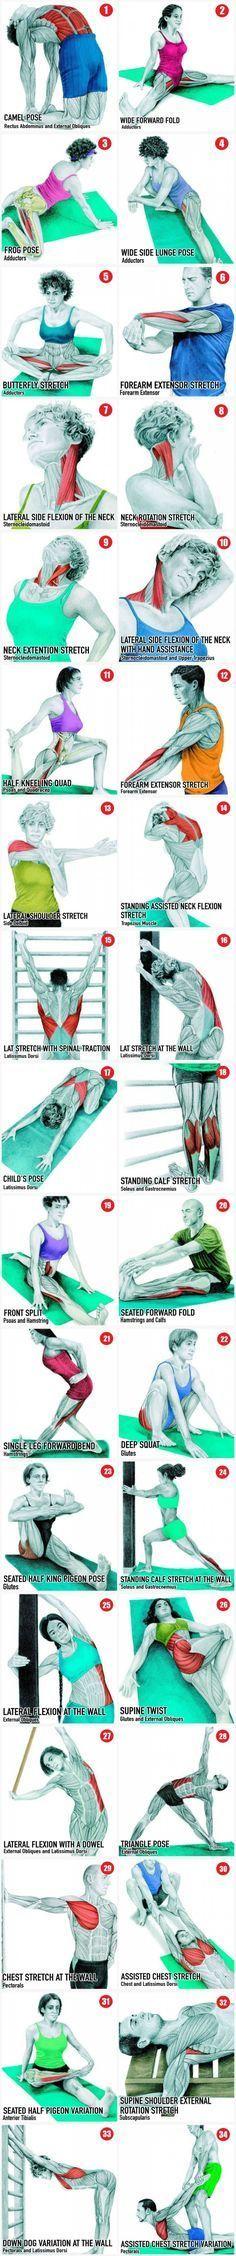 34 estiramientos de yoga - Eckermann aptitud